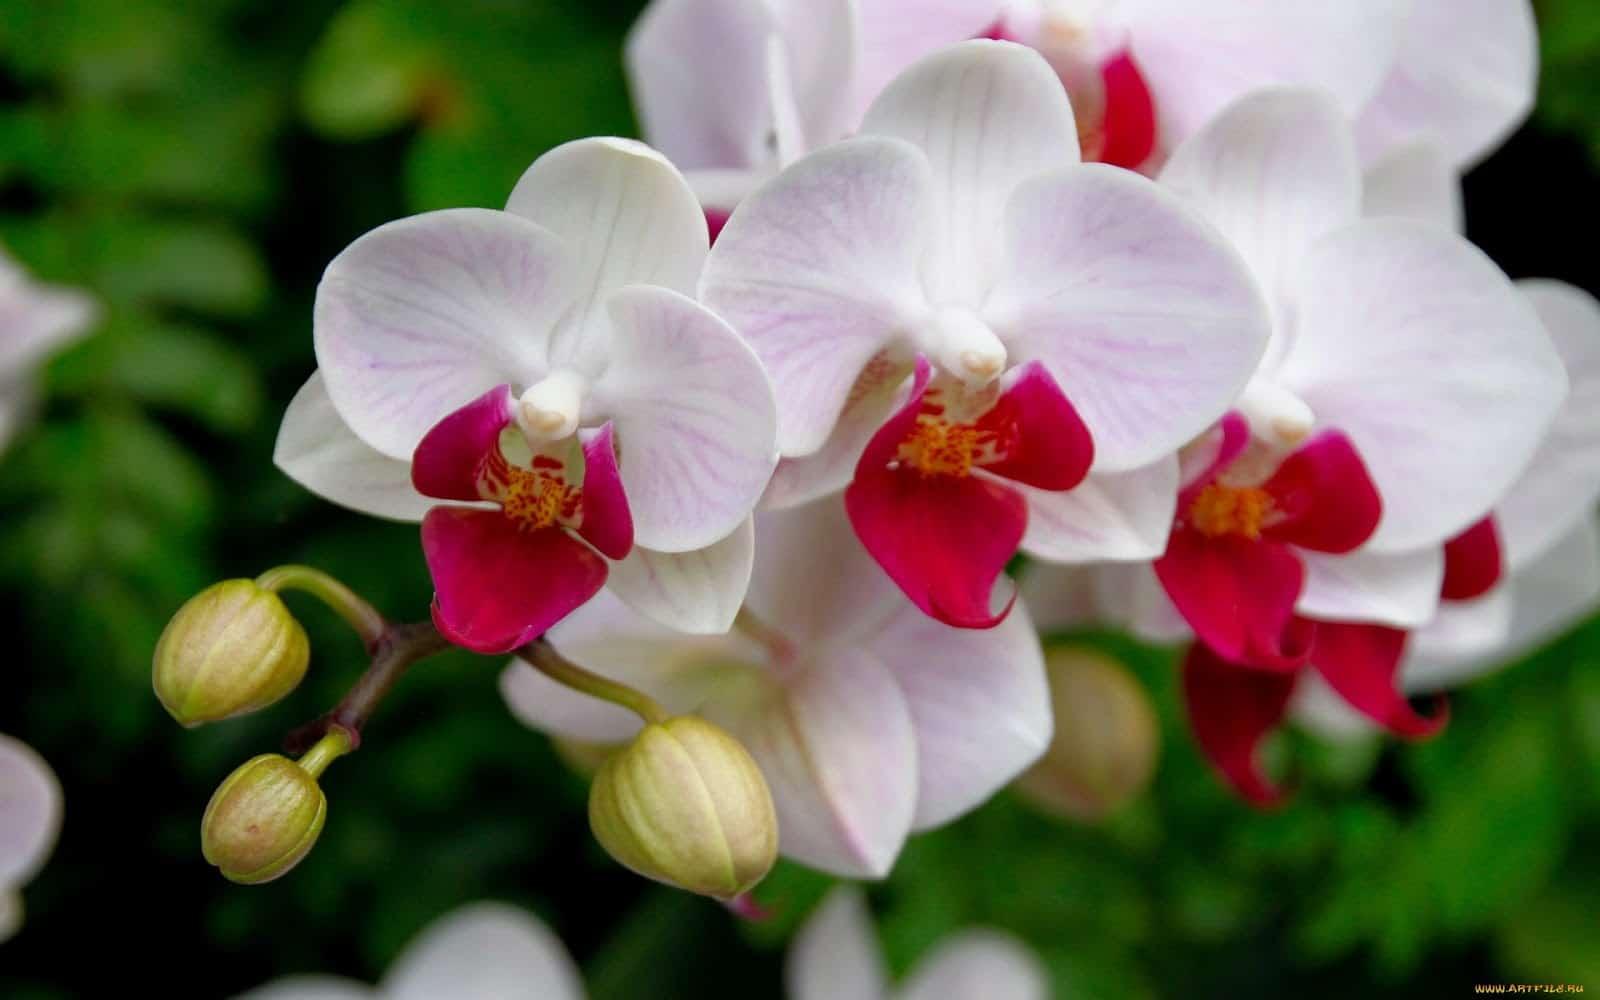 Para saber como regar orquídeas corretamente observe a aparência das folhas e flores.